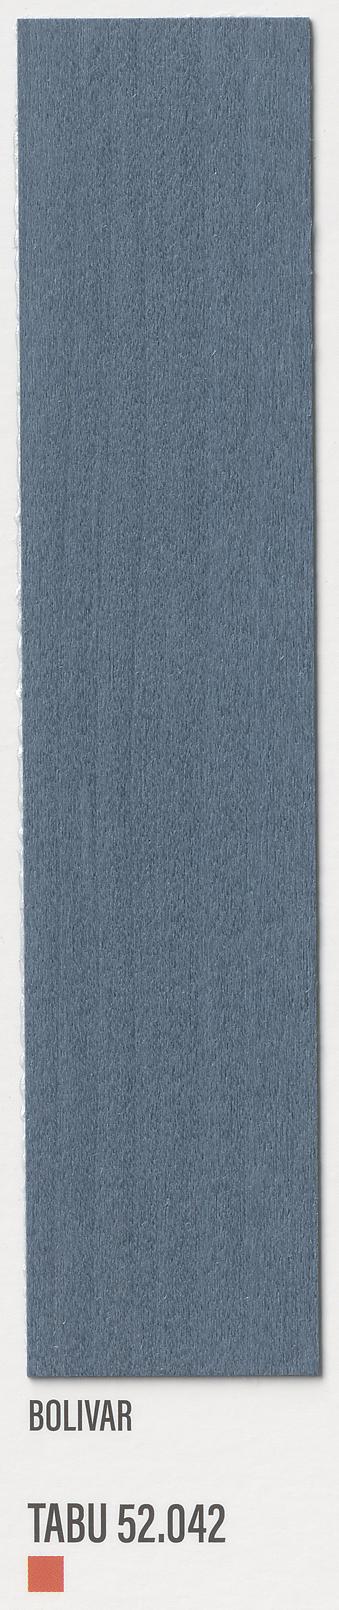 D55-(300dpi)(20181031)